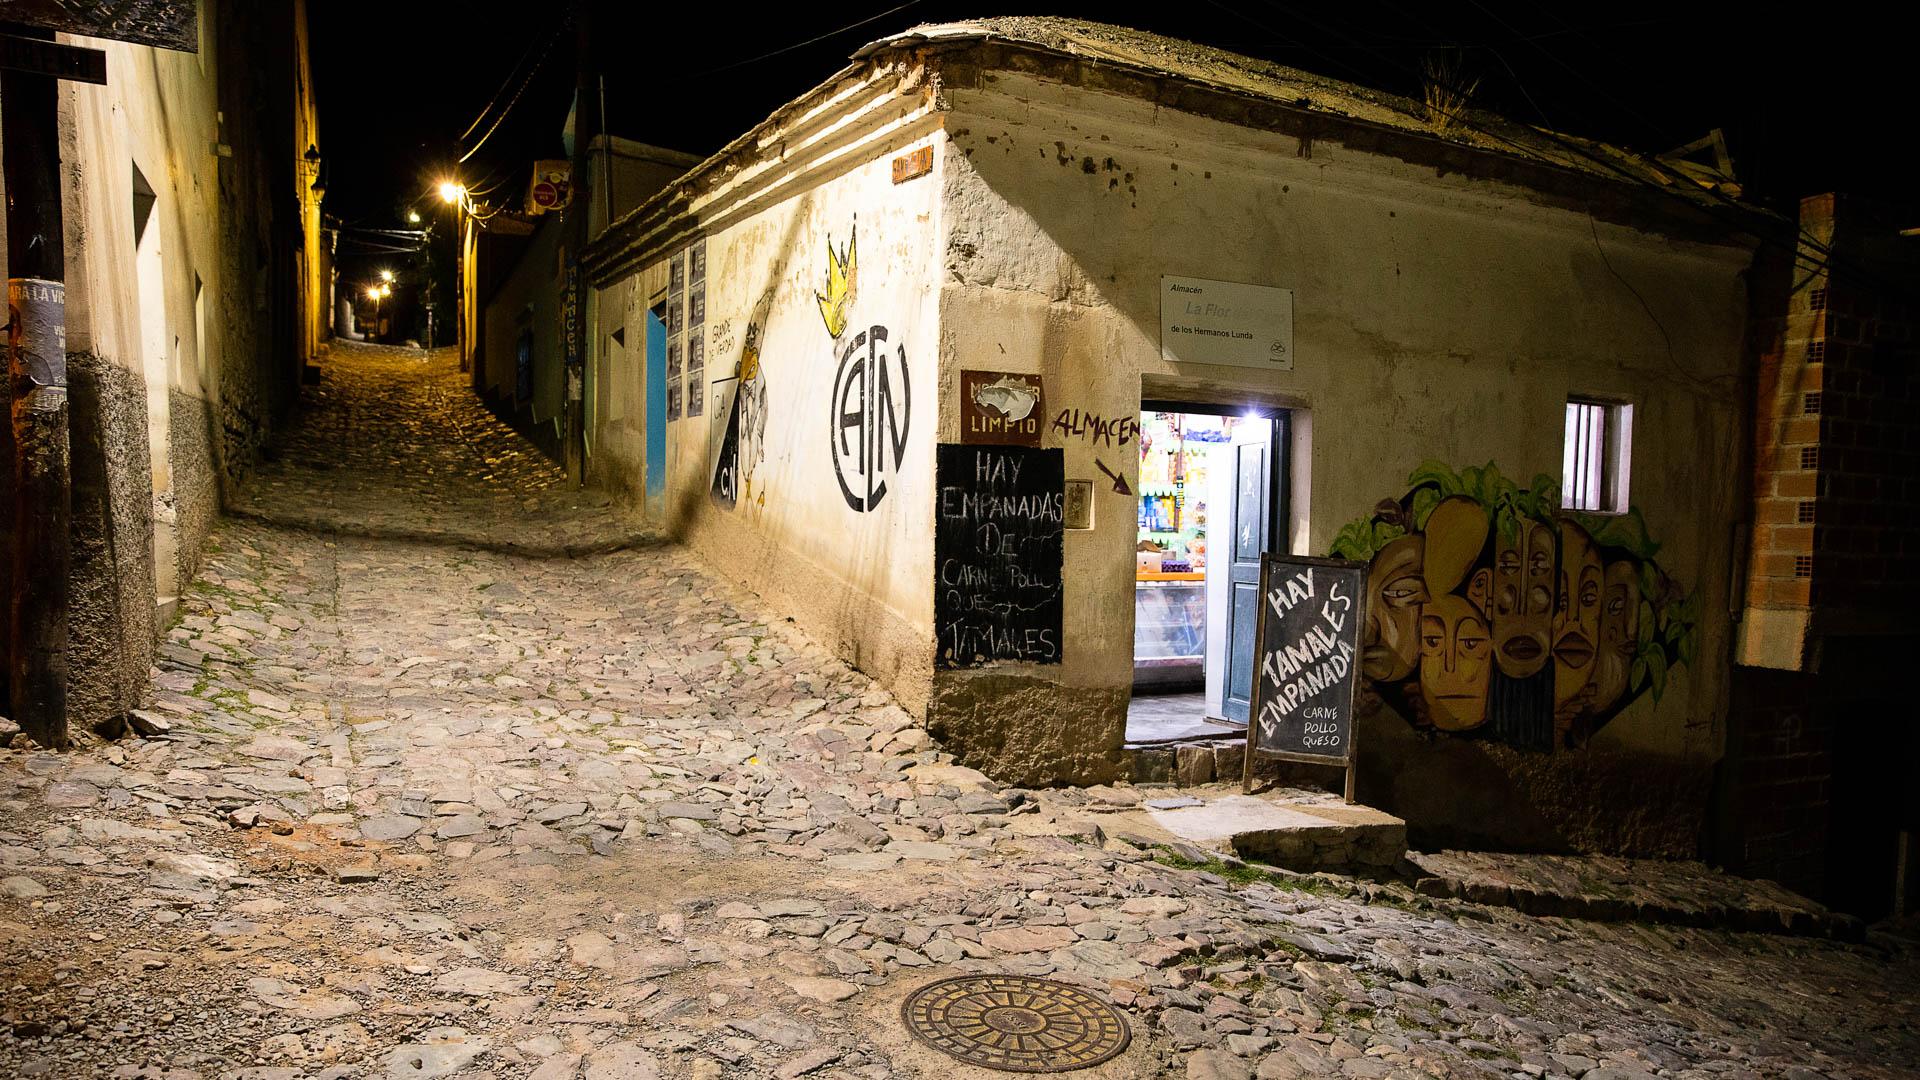 Una recorrida nocturna por las callecitas angostas y empedradas de Iruya.